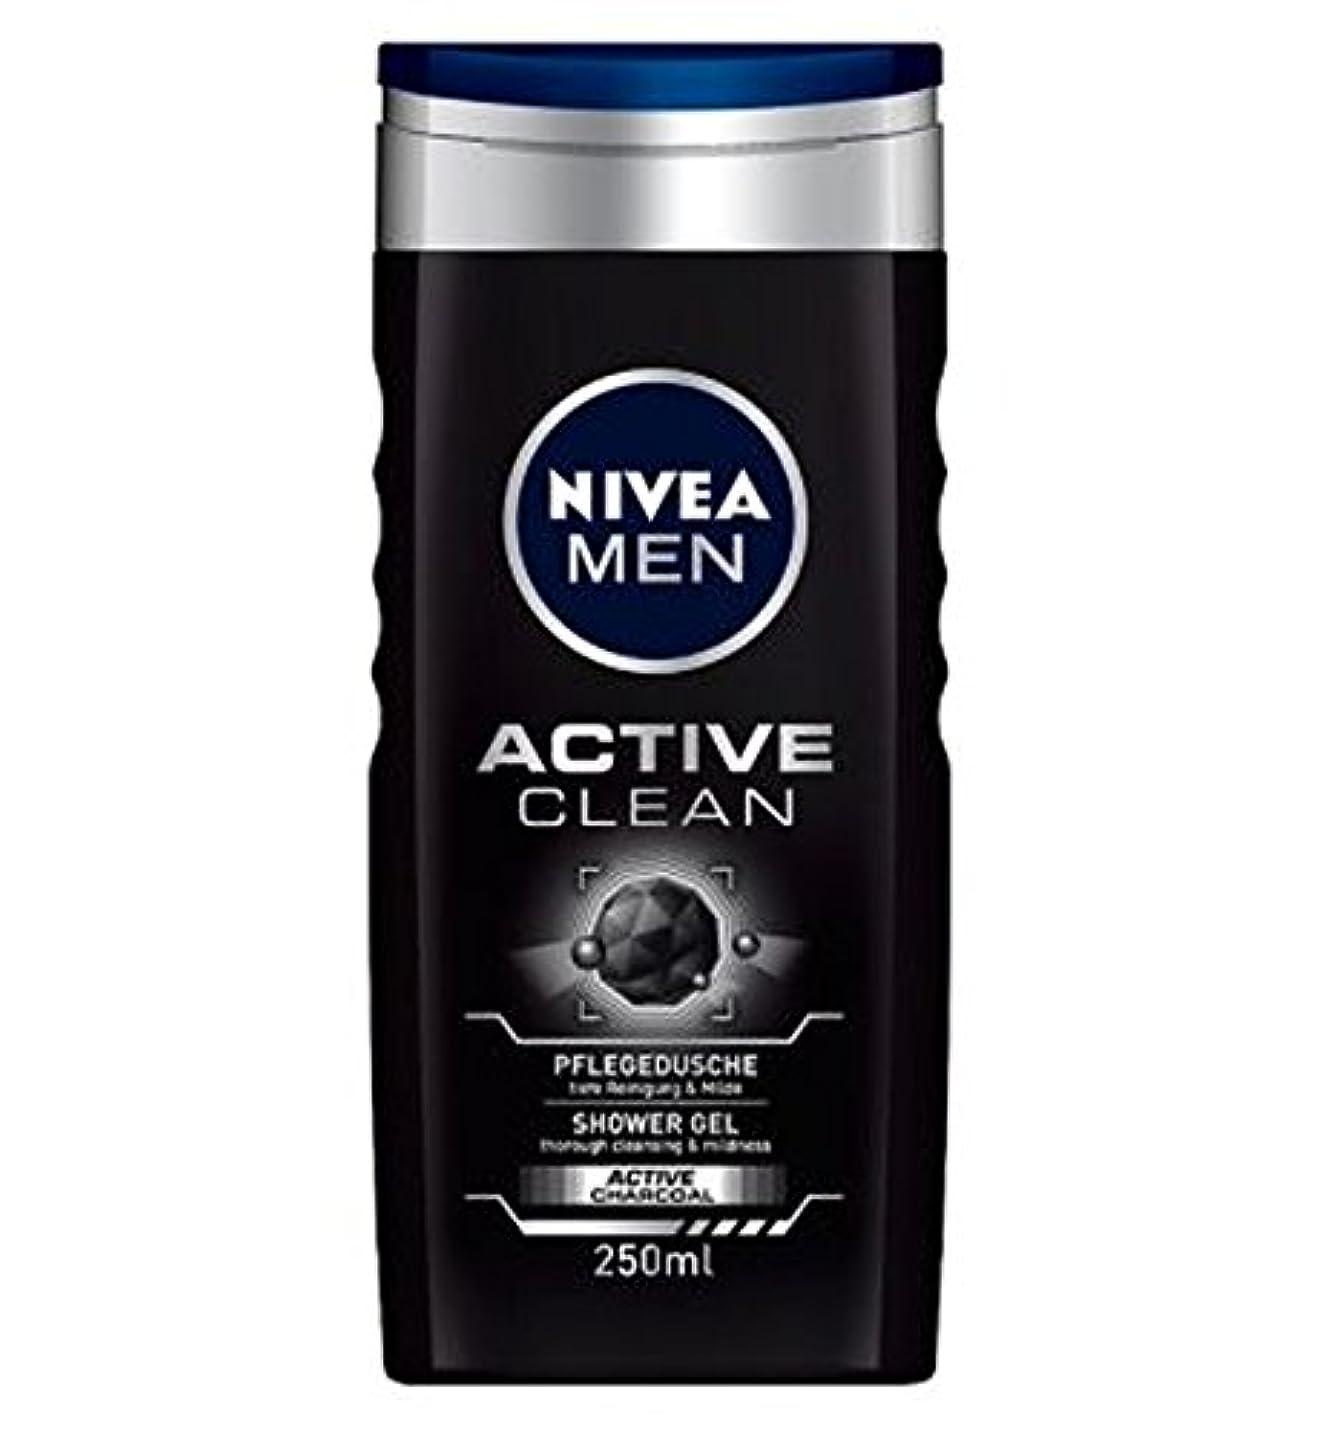 固有のシンジケート無視できるNIVEA MEN Active Clean Shower Gel 250ml - ニベアの男性アクティブクリーンシャワージェル250ミリリットル (Nivea) [並行輸入品]